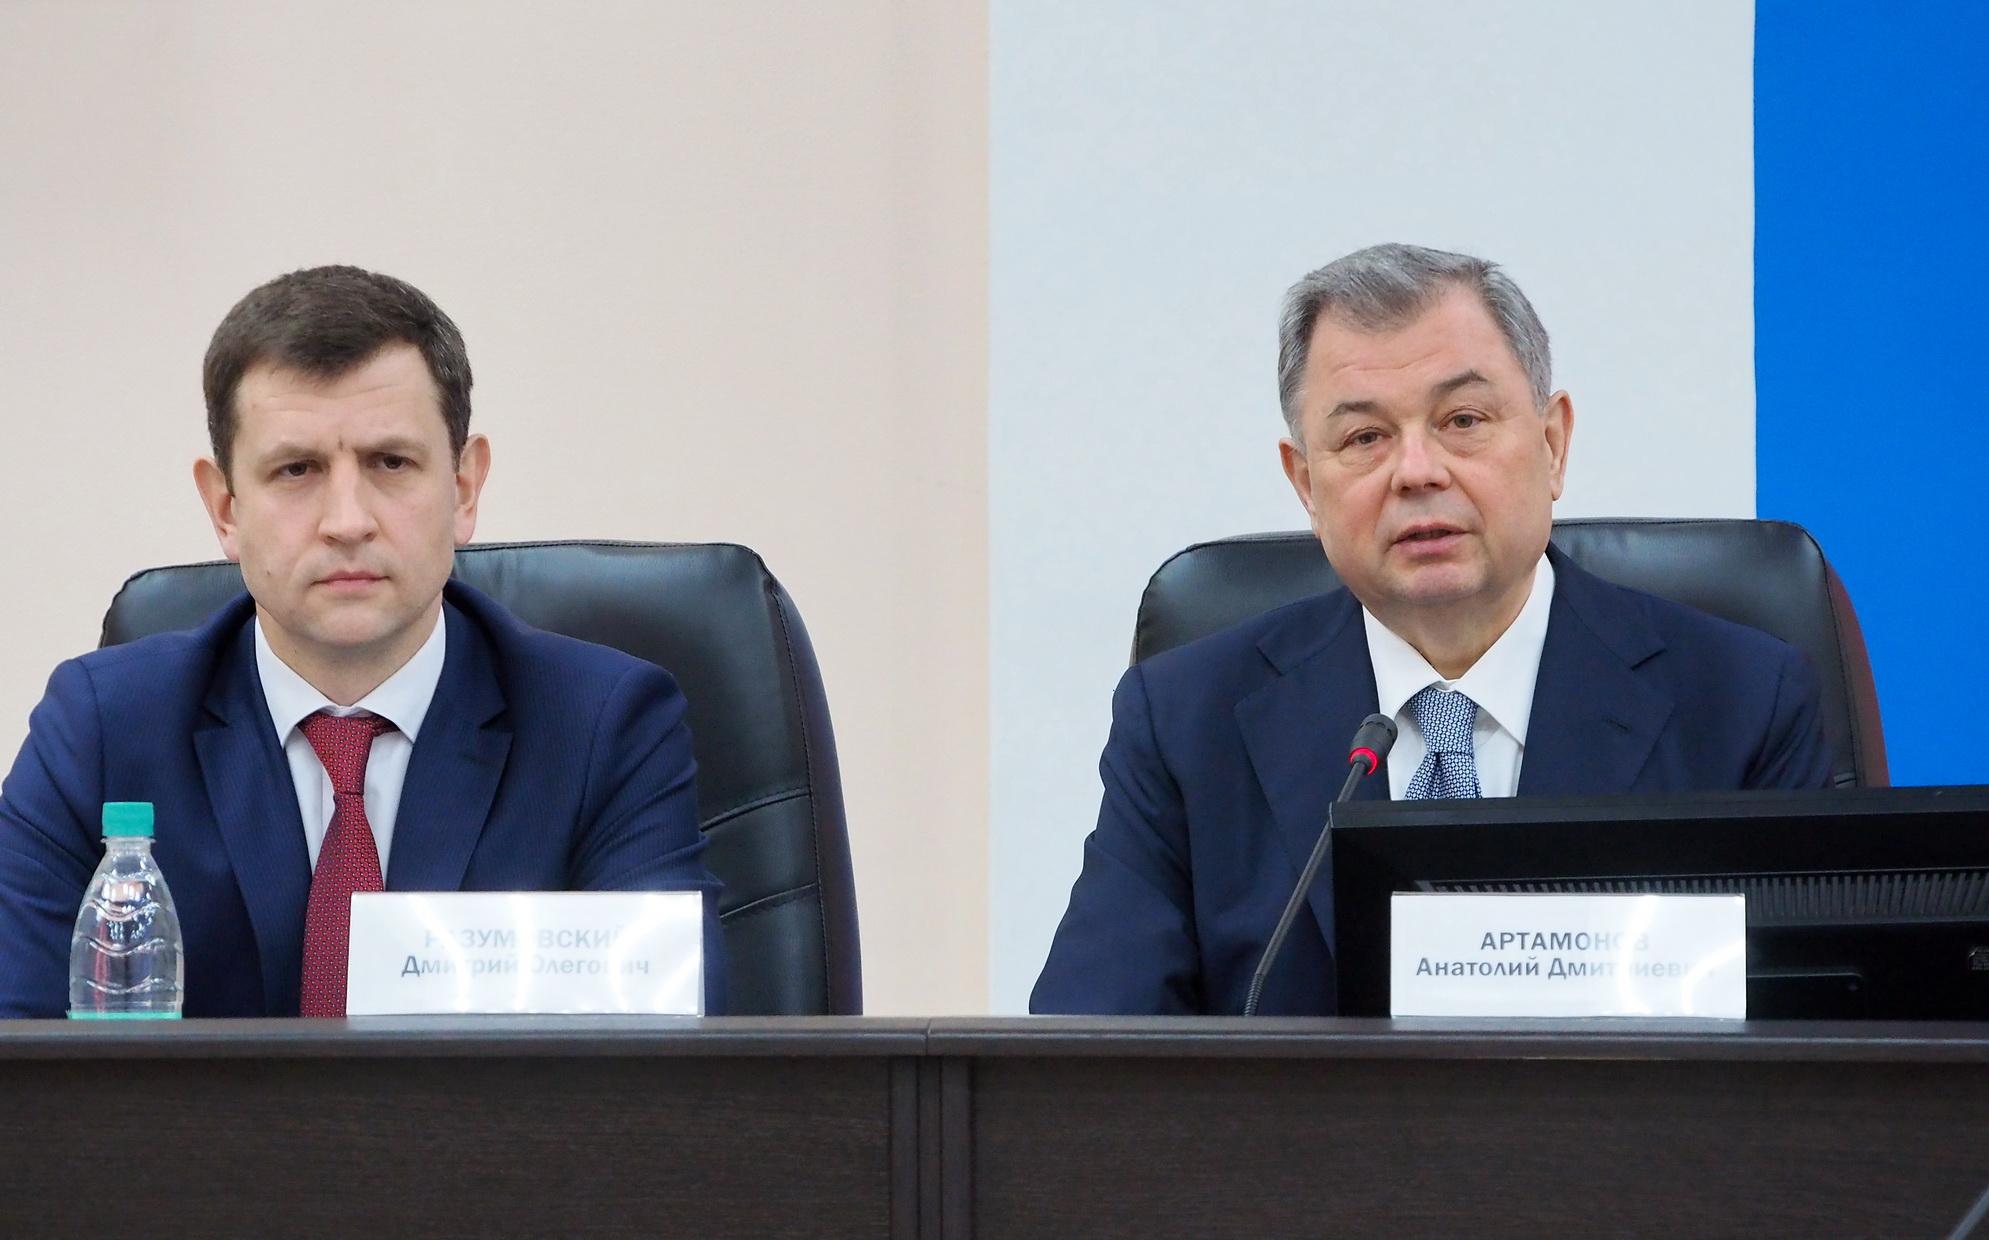 Министром финансового развития Калужской области назначен Илья Веселов